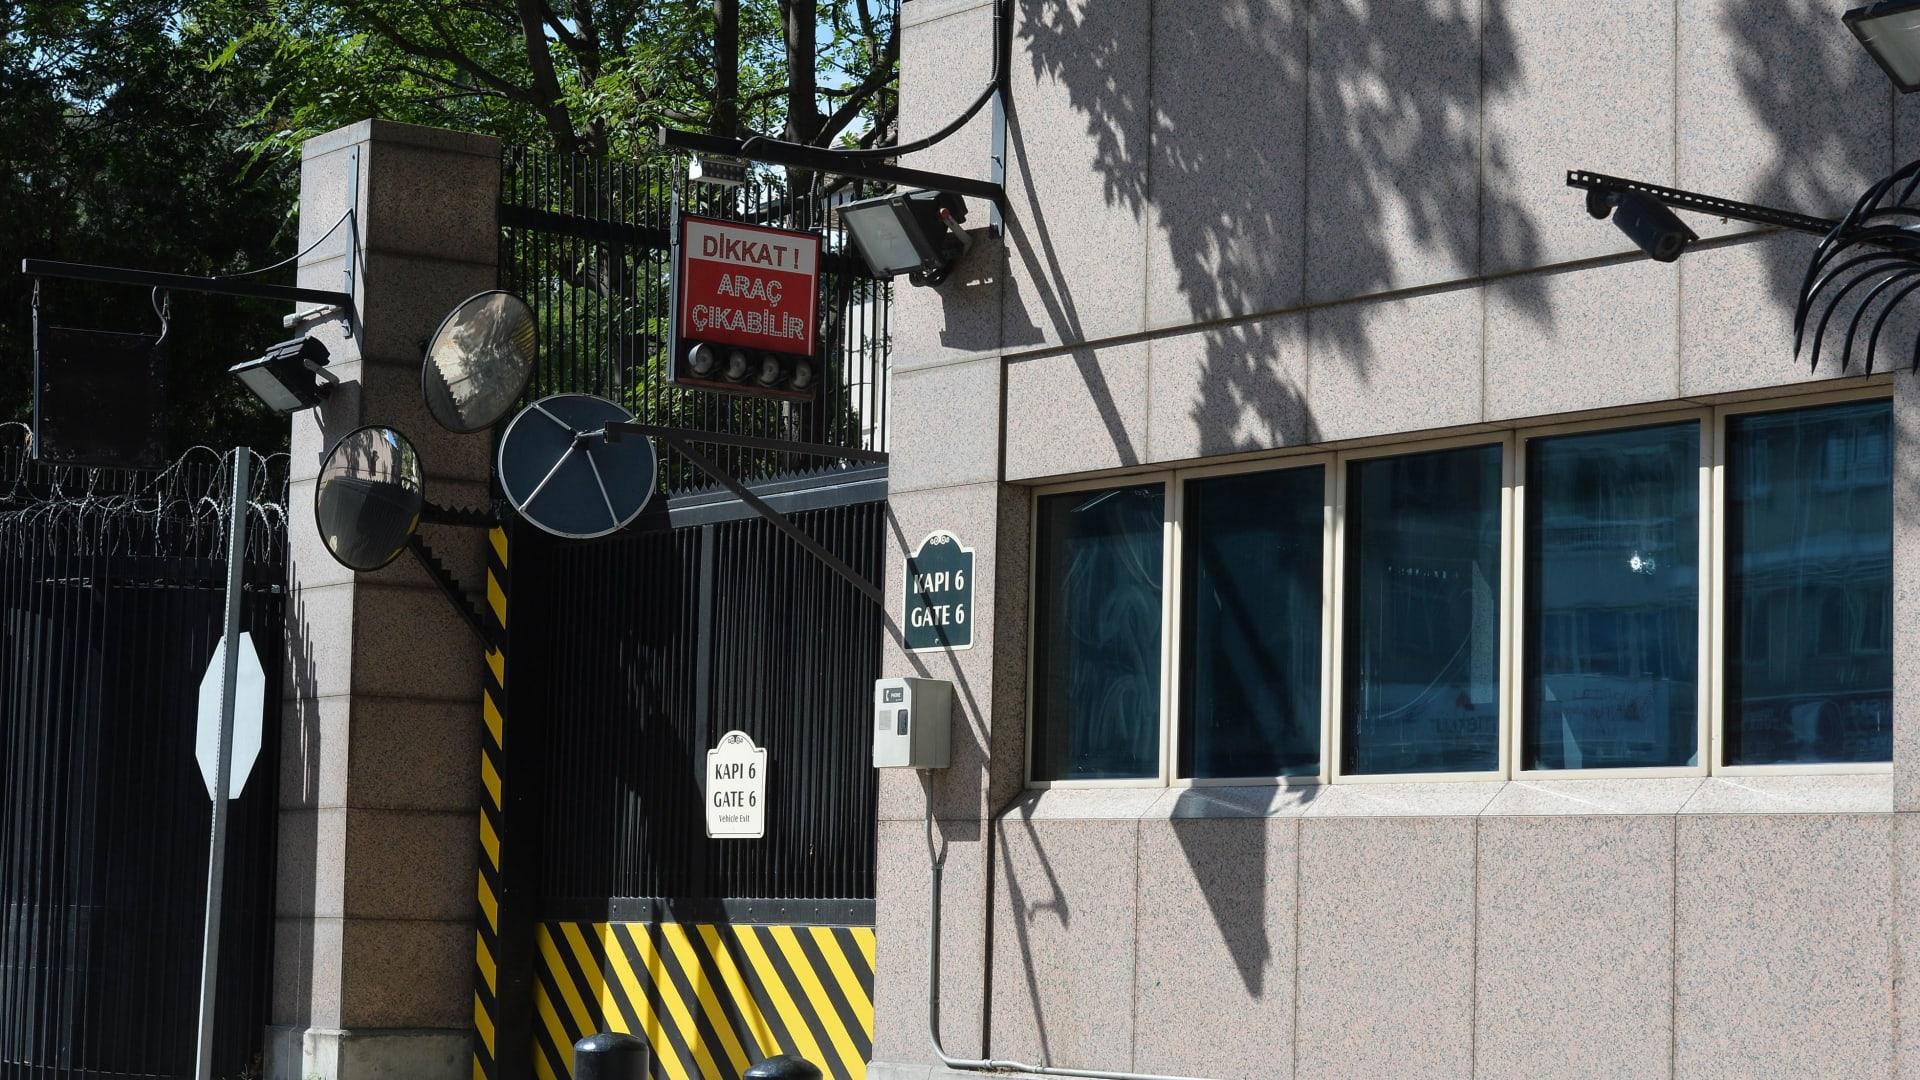 مصادر تركية تكشف ما قاله مطلقا النار على سفارة أمريكا خلال التحقيق